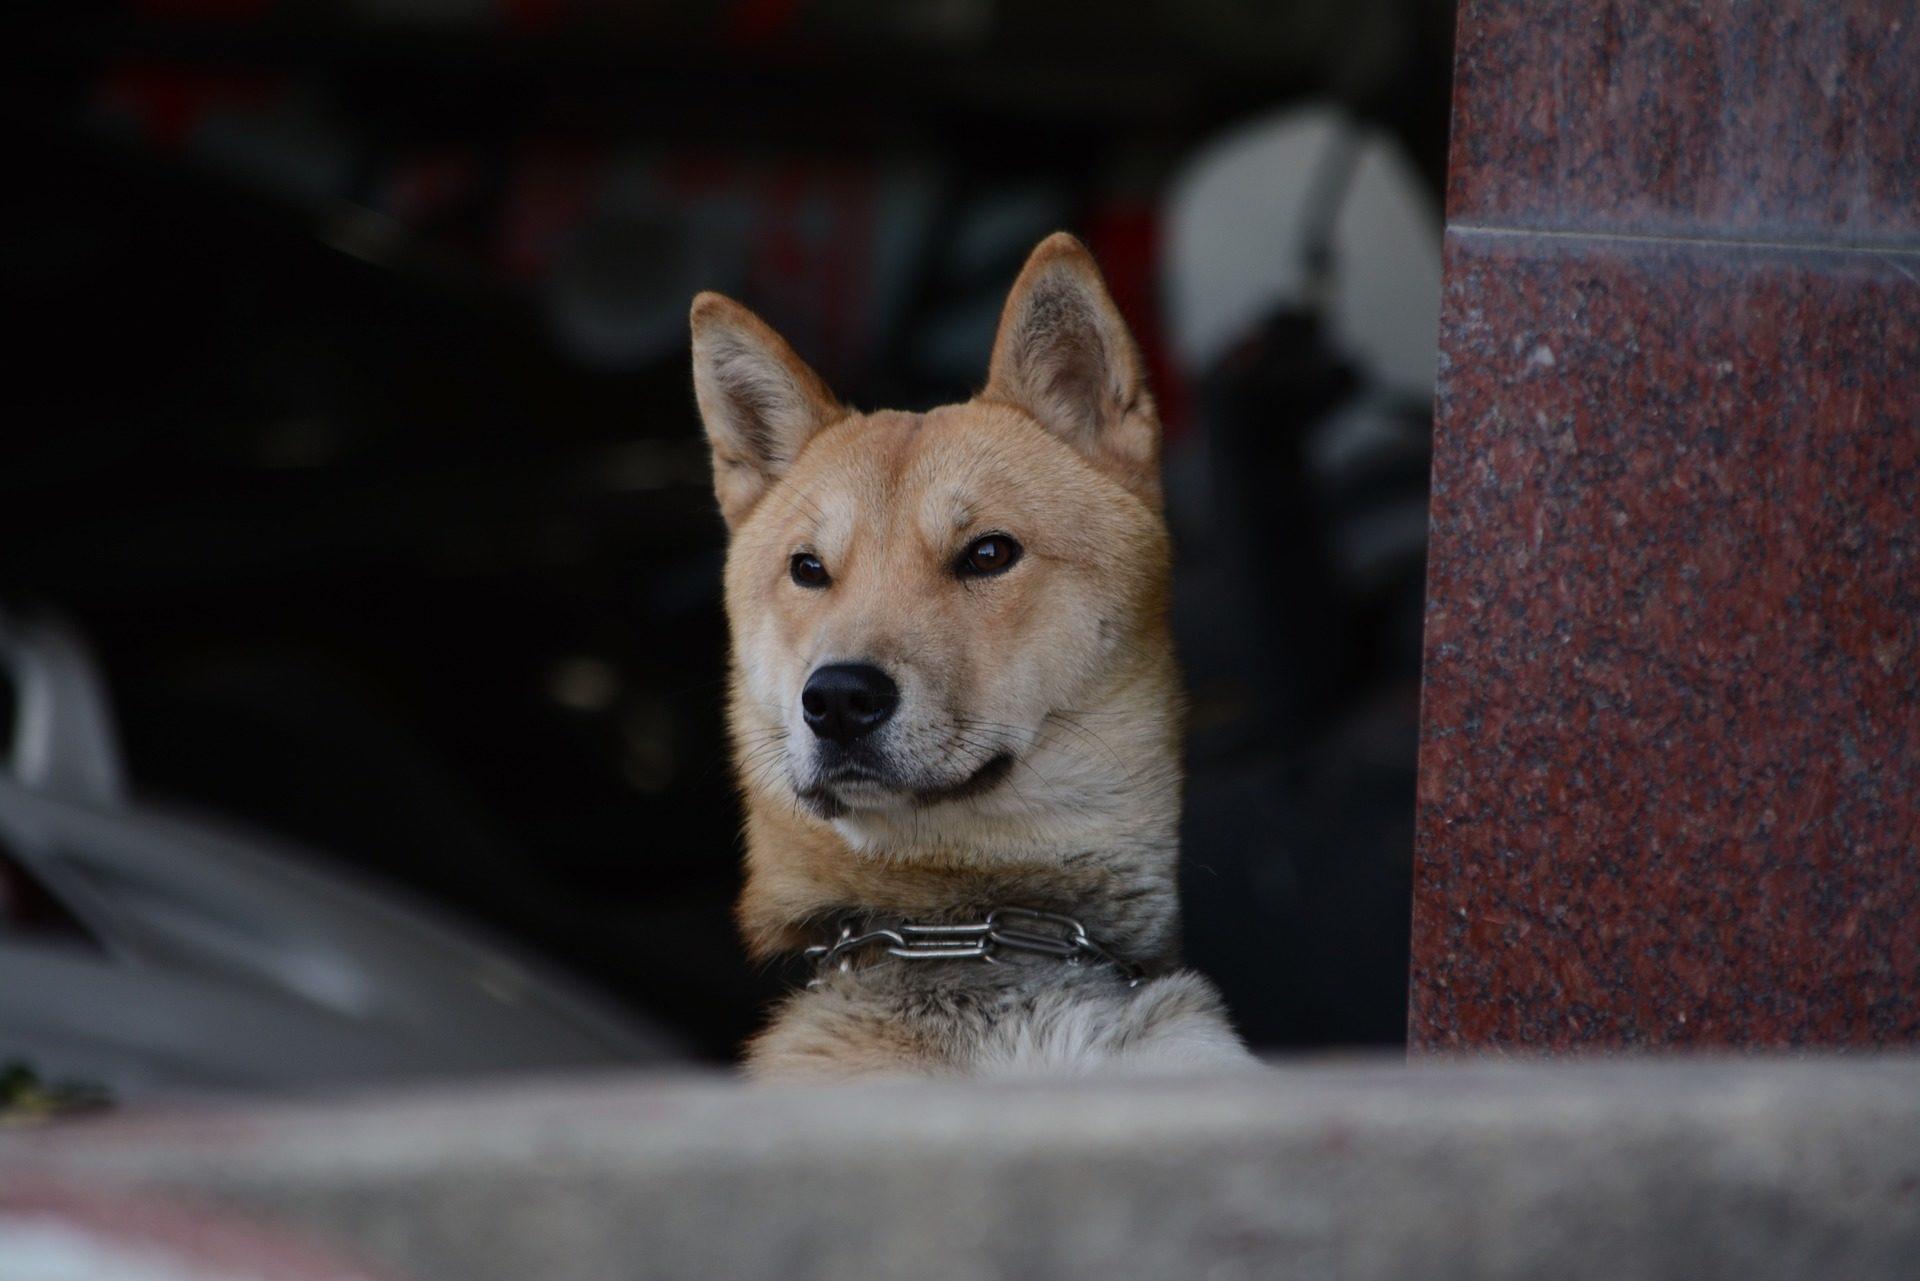 σκύλος, αλυσίδα, προσοχή, Jindo, Κορεατικά - Wallpapers HD - Professor-falken.com